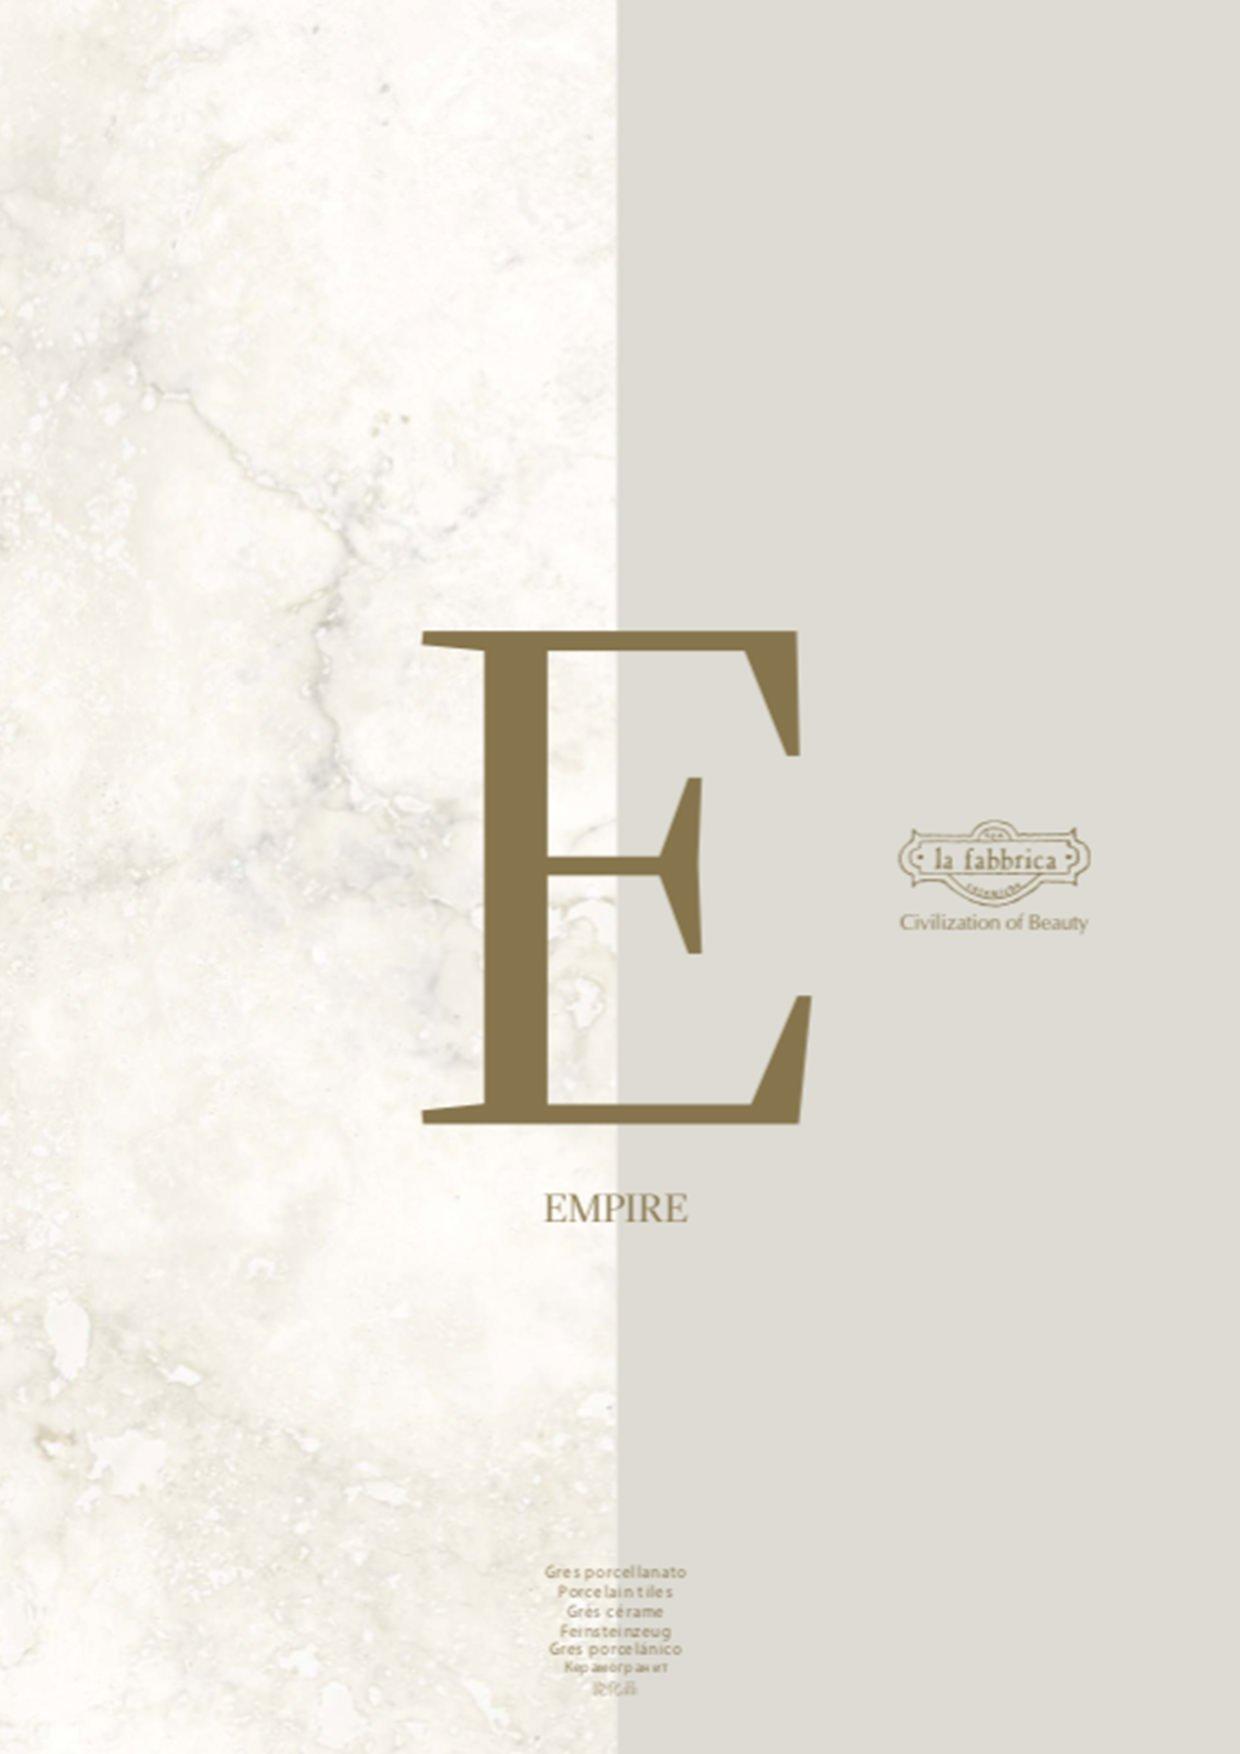 La Fabbrica Catalogo Empire